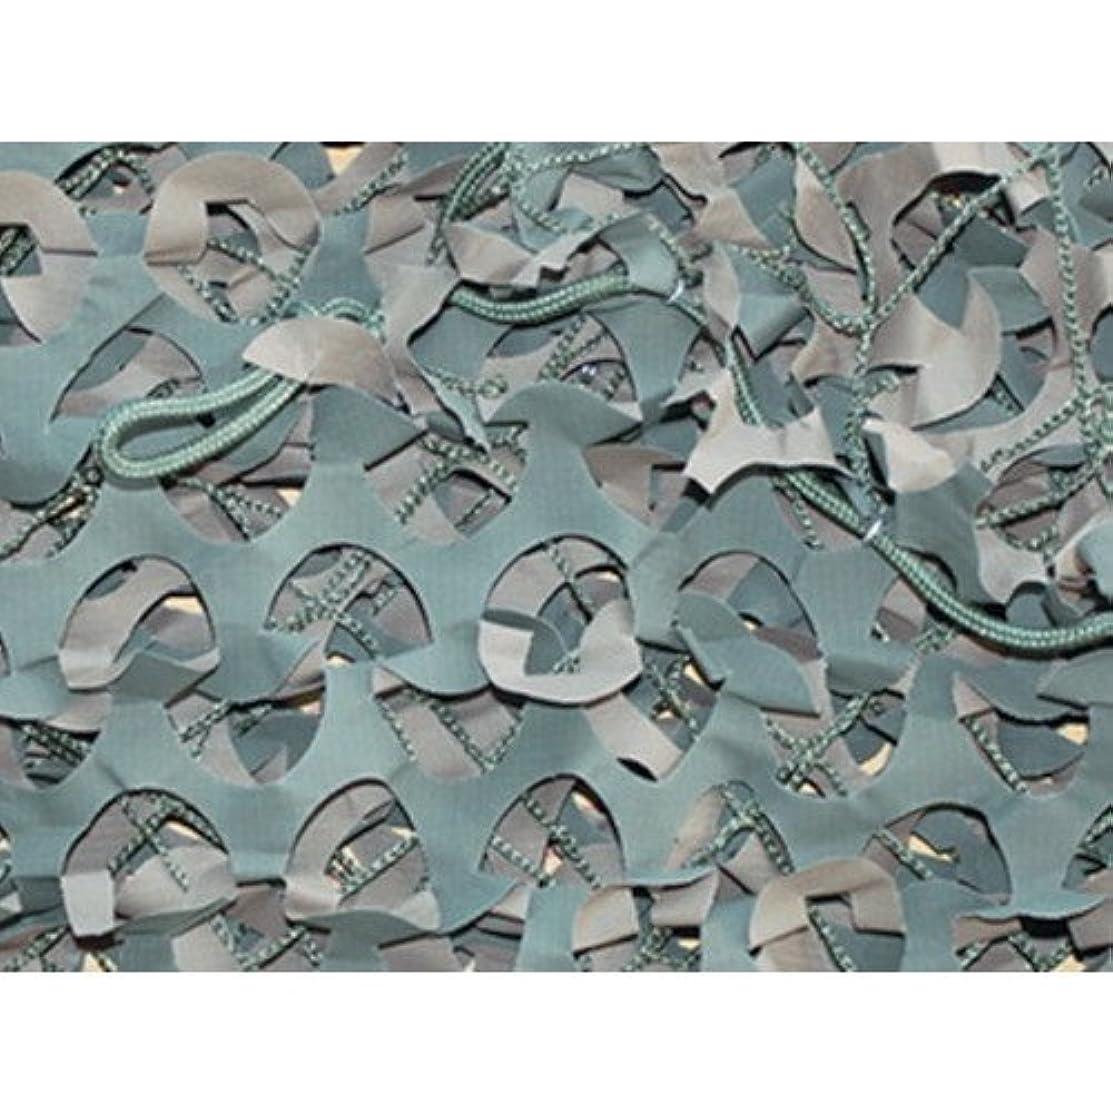 中毒桁冷えるトラスコ中山 CAMO プレミアム レギュラーXミリタリー グリーン&ブラウン 1.8mX6m SP08GB